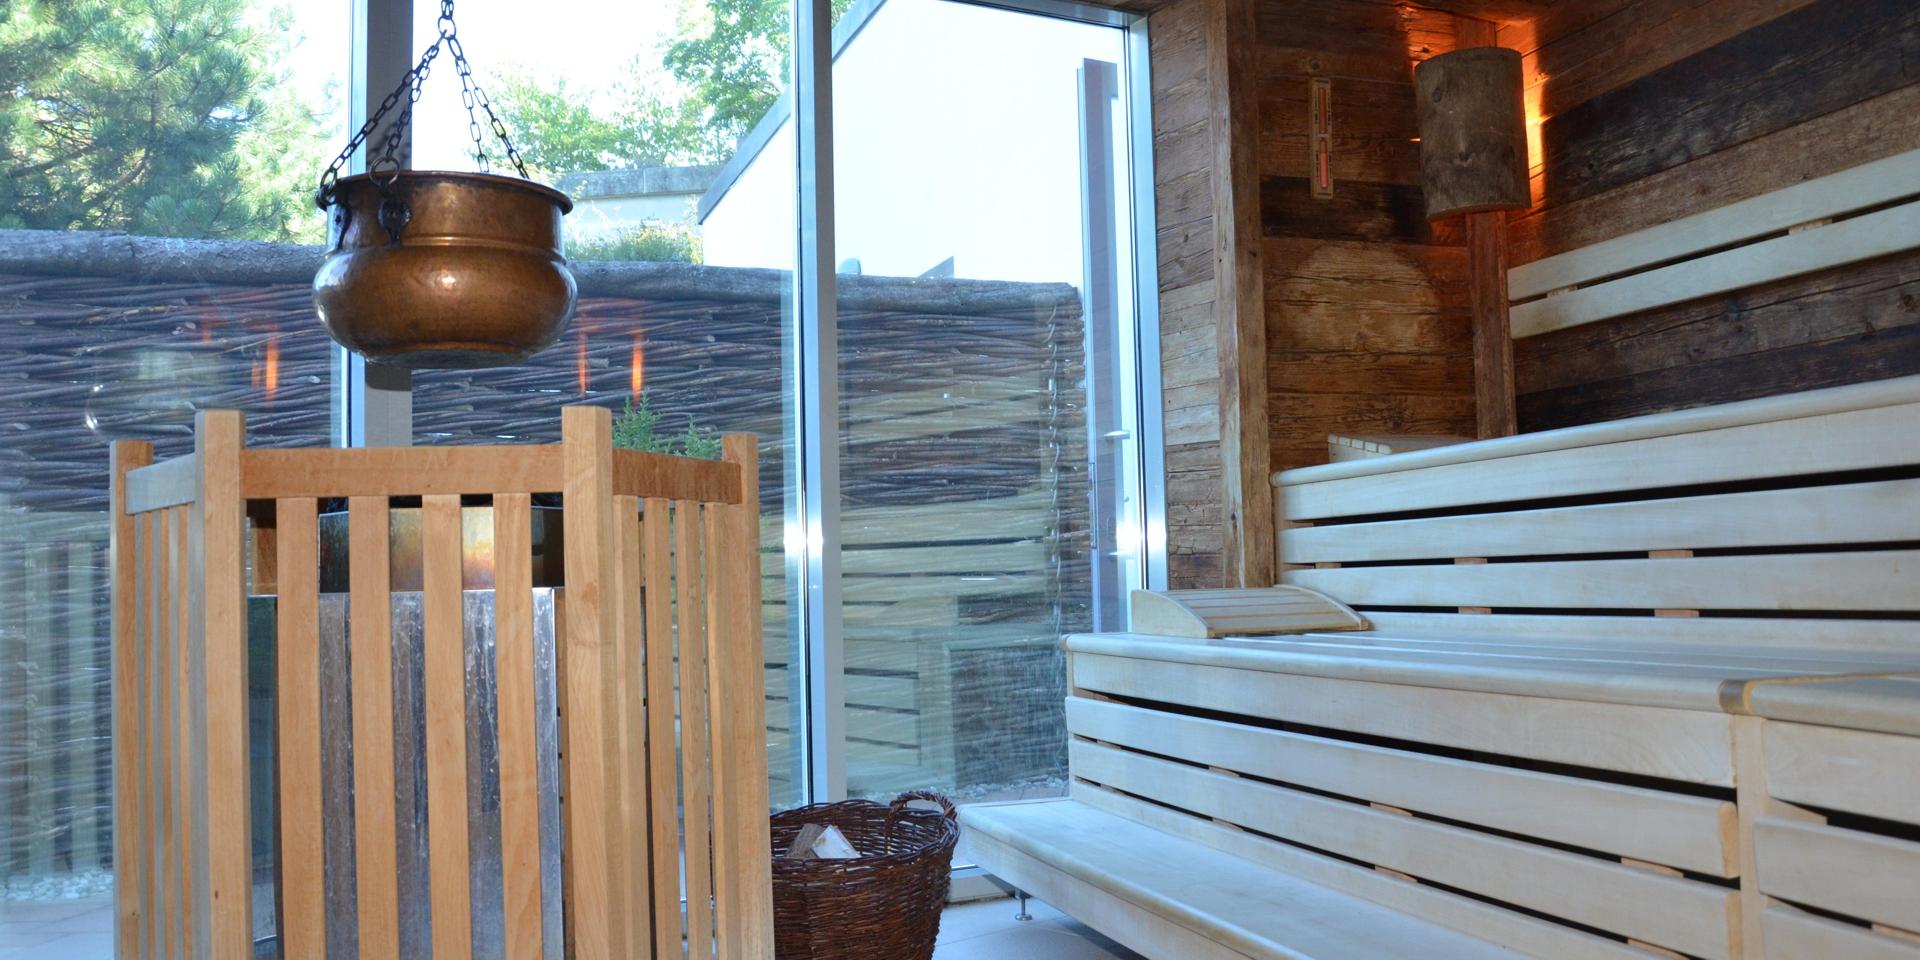 chat bad endorf sauna